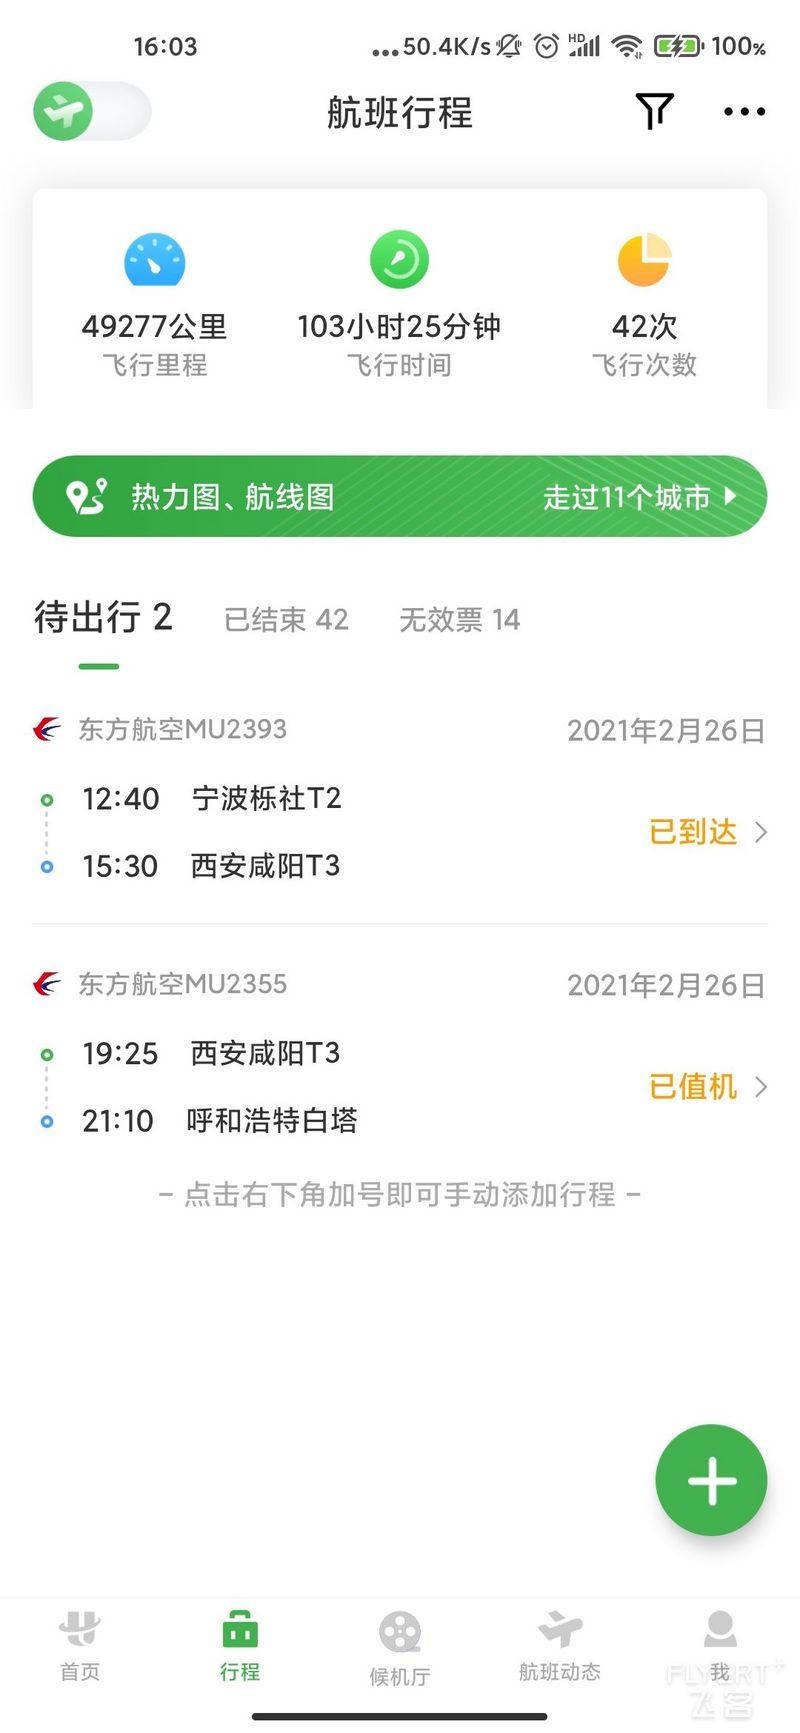 Screenshot_2021-02-26-16-03-07-281_com.umetrip.an.jpg